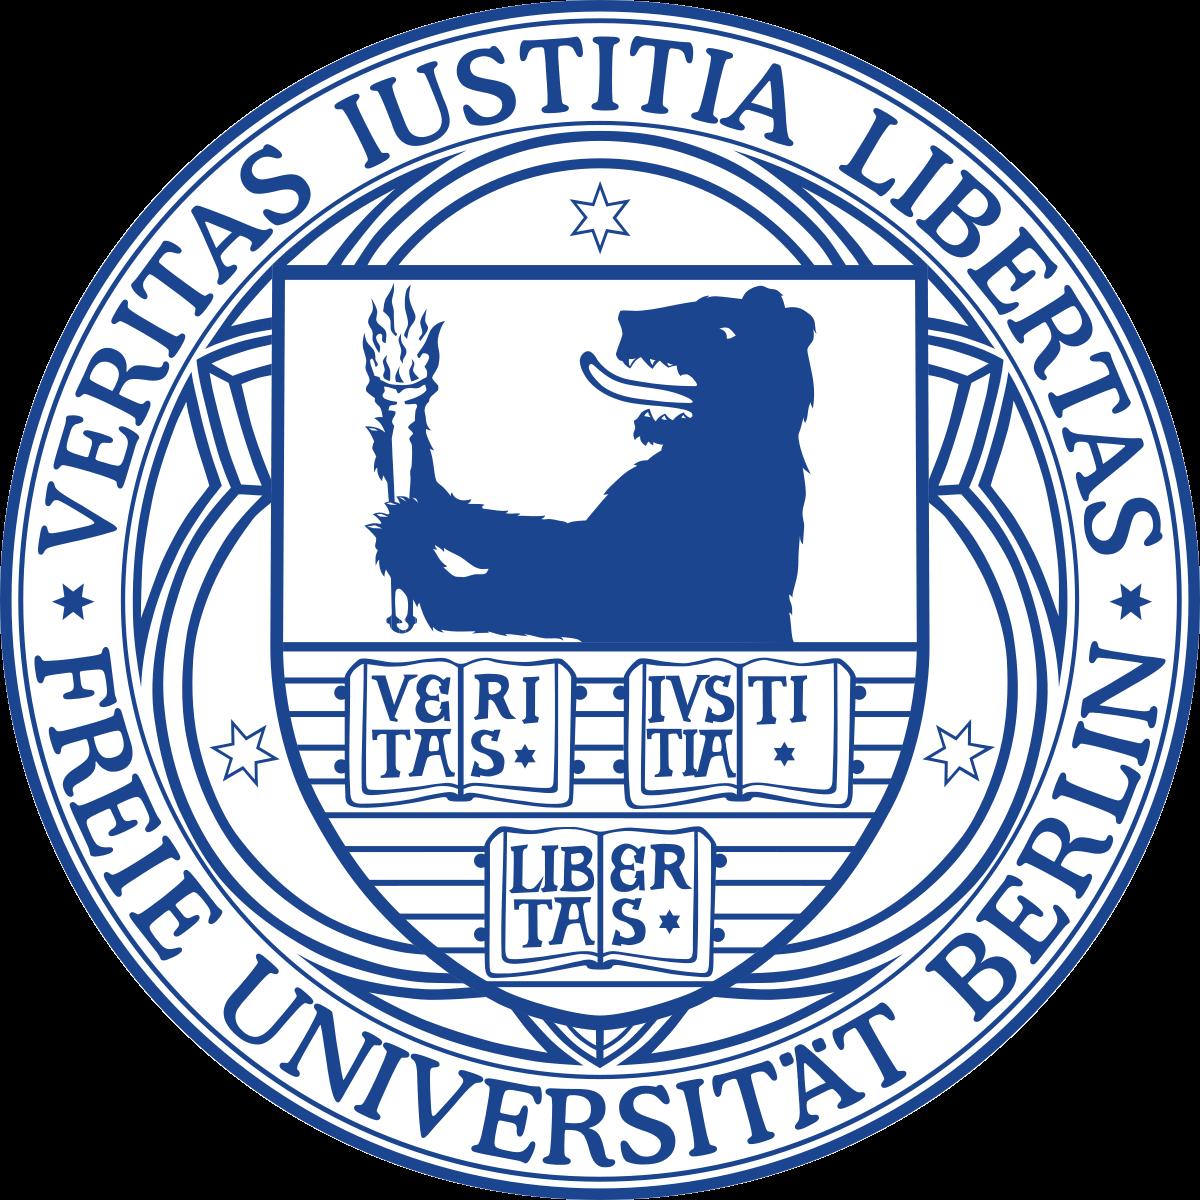 Forschung Erfassungsmethoden 3 an der Freie Universität Berlin